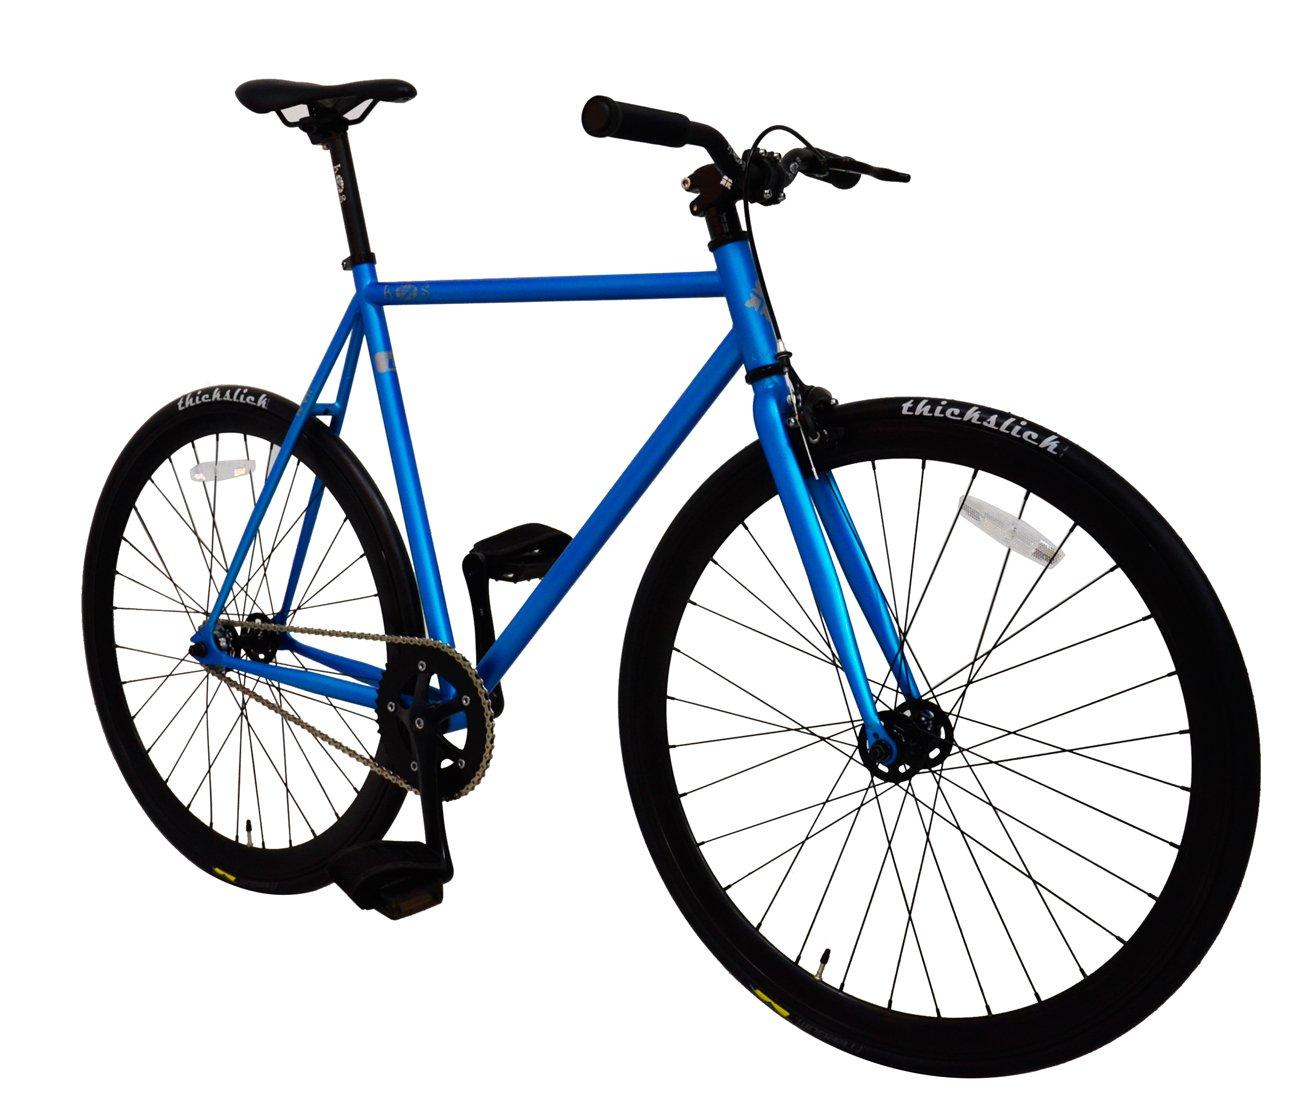 クリアランス固定ギアフィクシーバイクシングルスピードロードバイク 53cm/Medium ブルー B01HHQOGBI